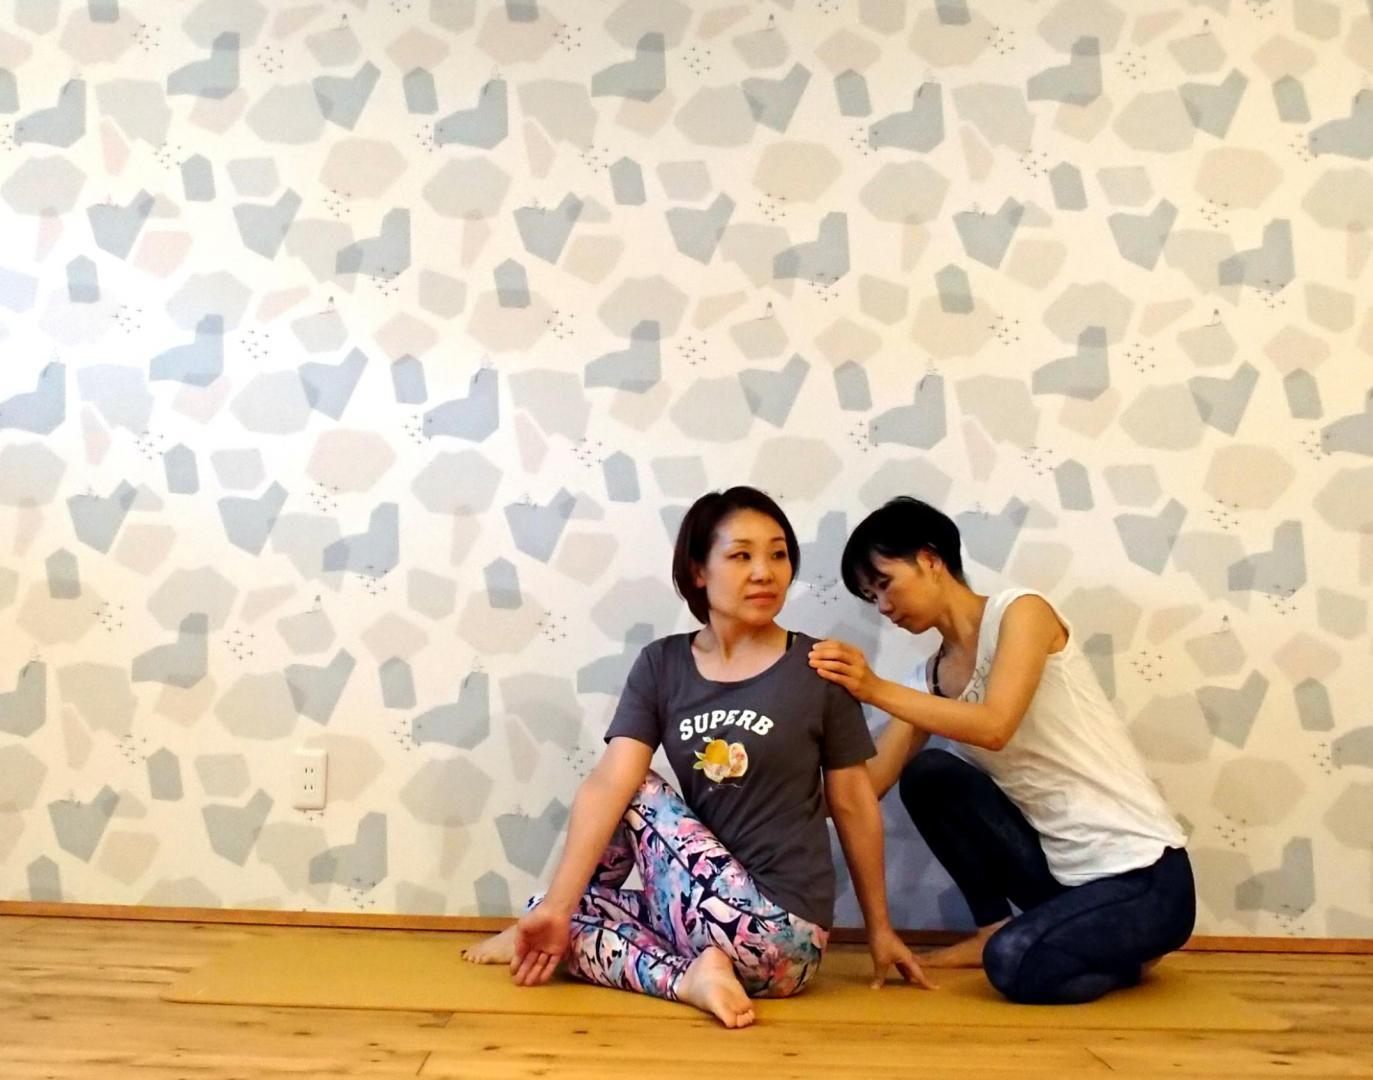 女性2人がヨガ資格講座を練習